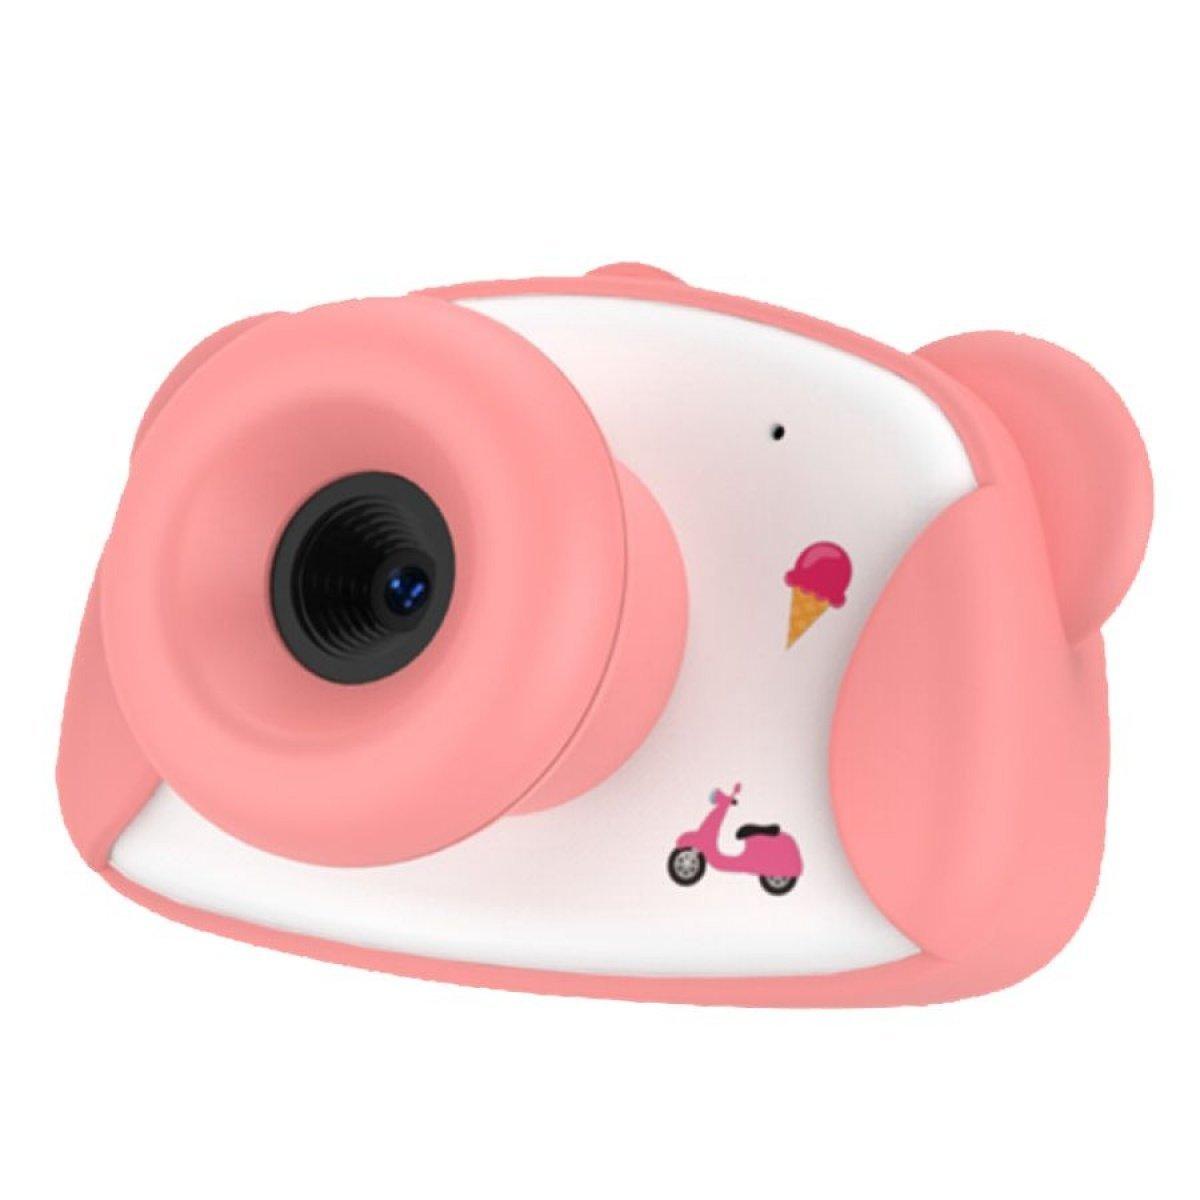 KC02 Kids Camera 1920X1080 8-MegaPixel | PINK |